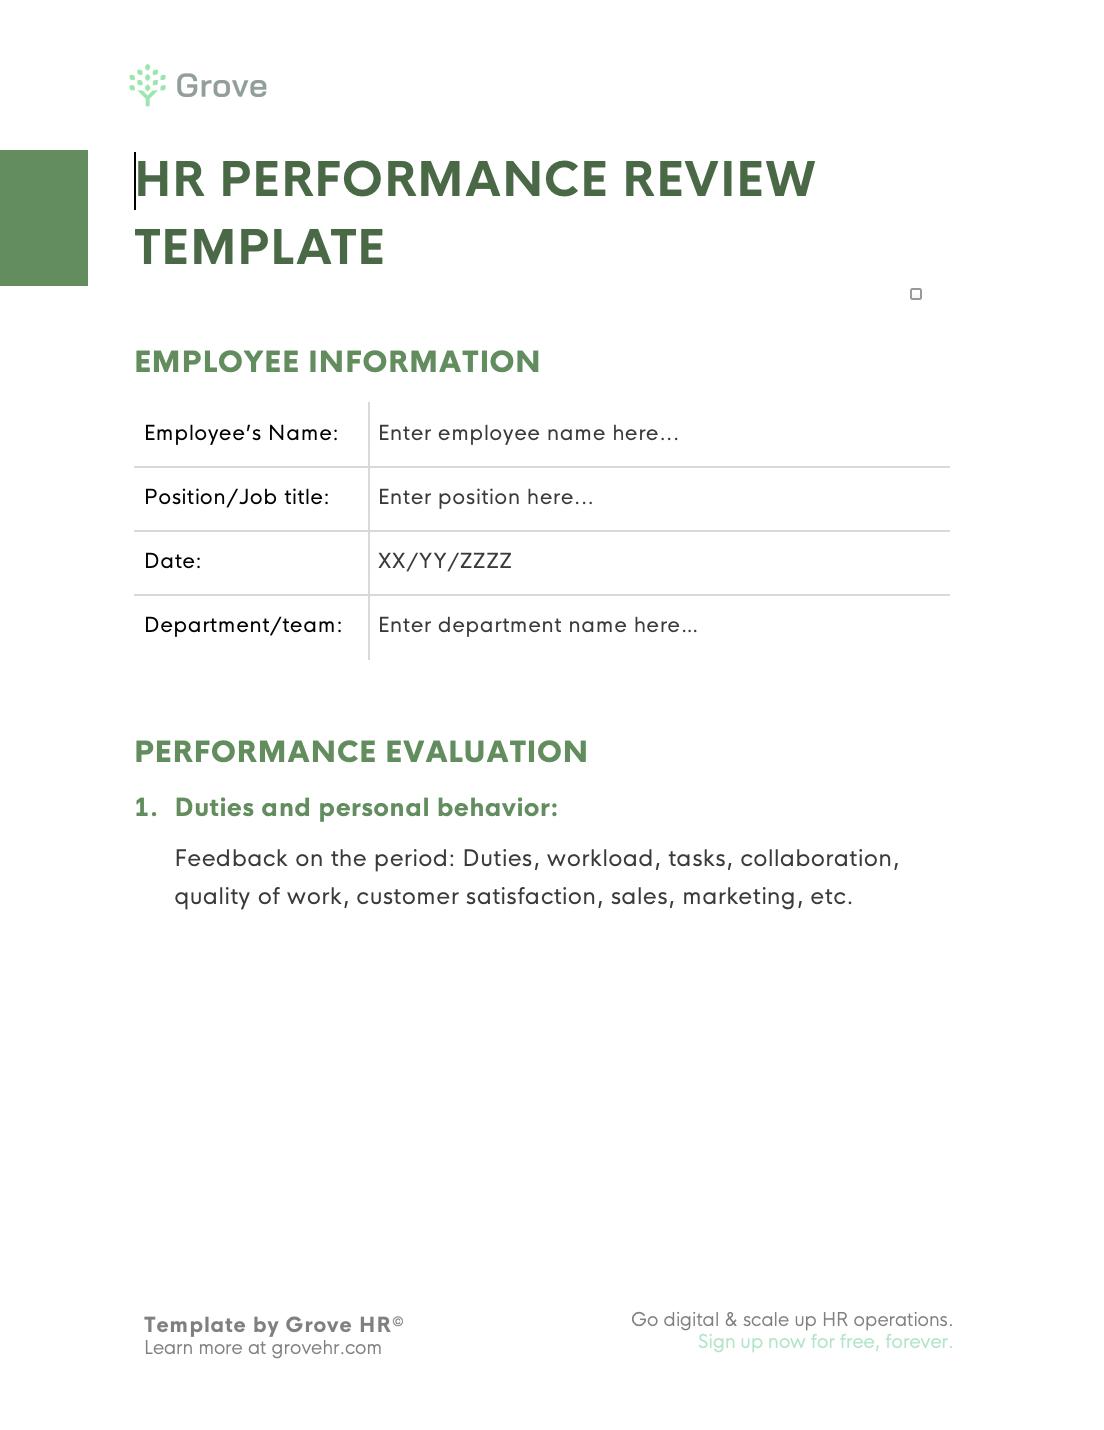 Grove HR - performance review kit slider 7